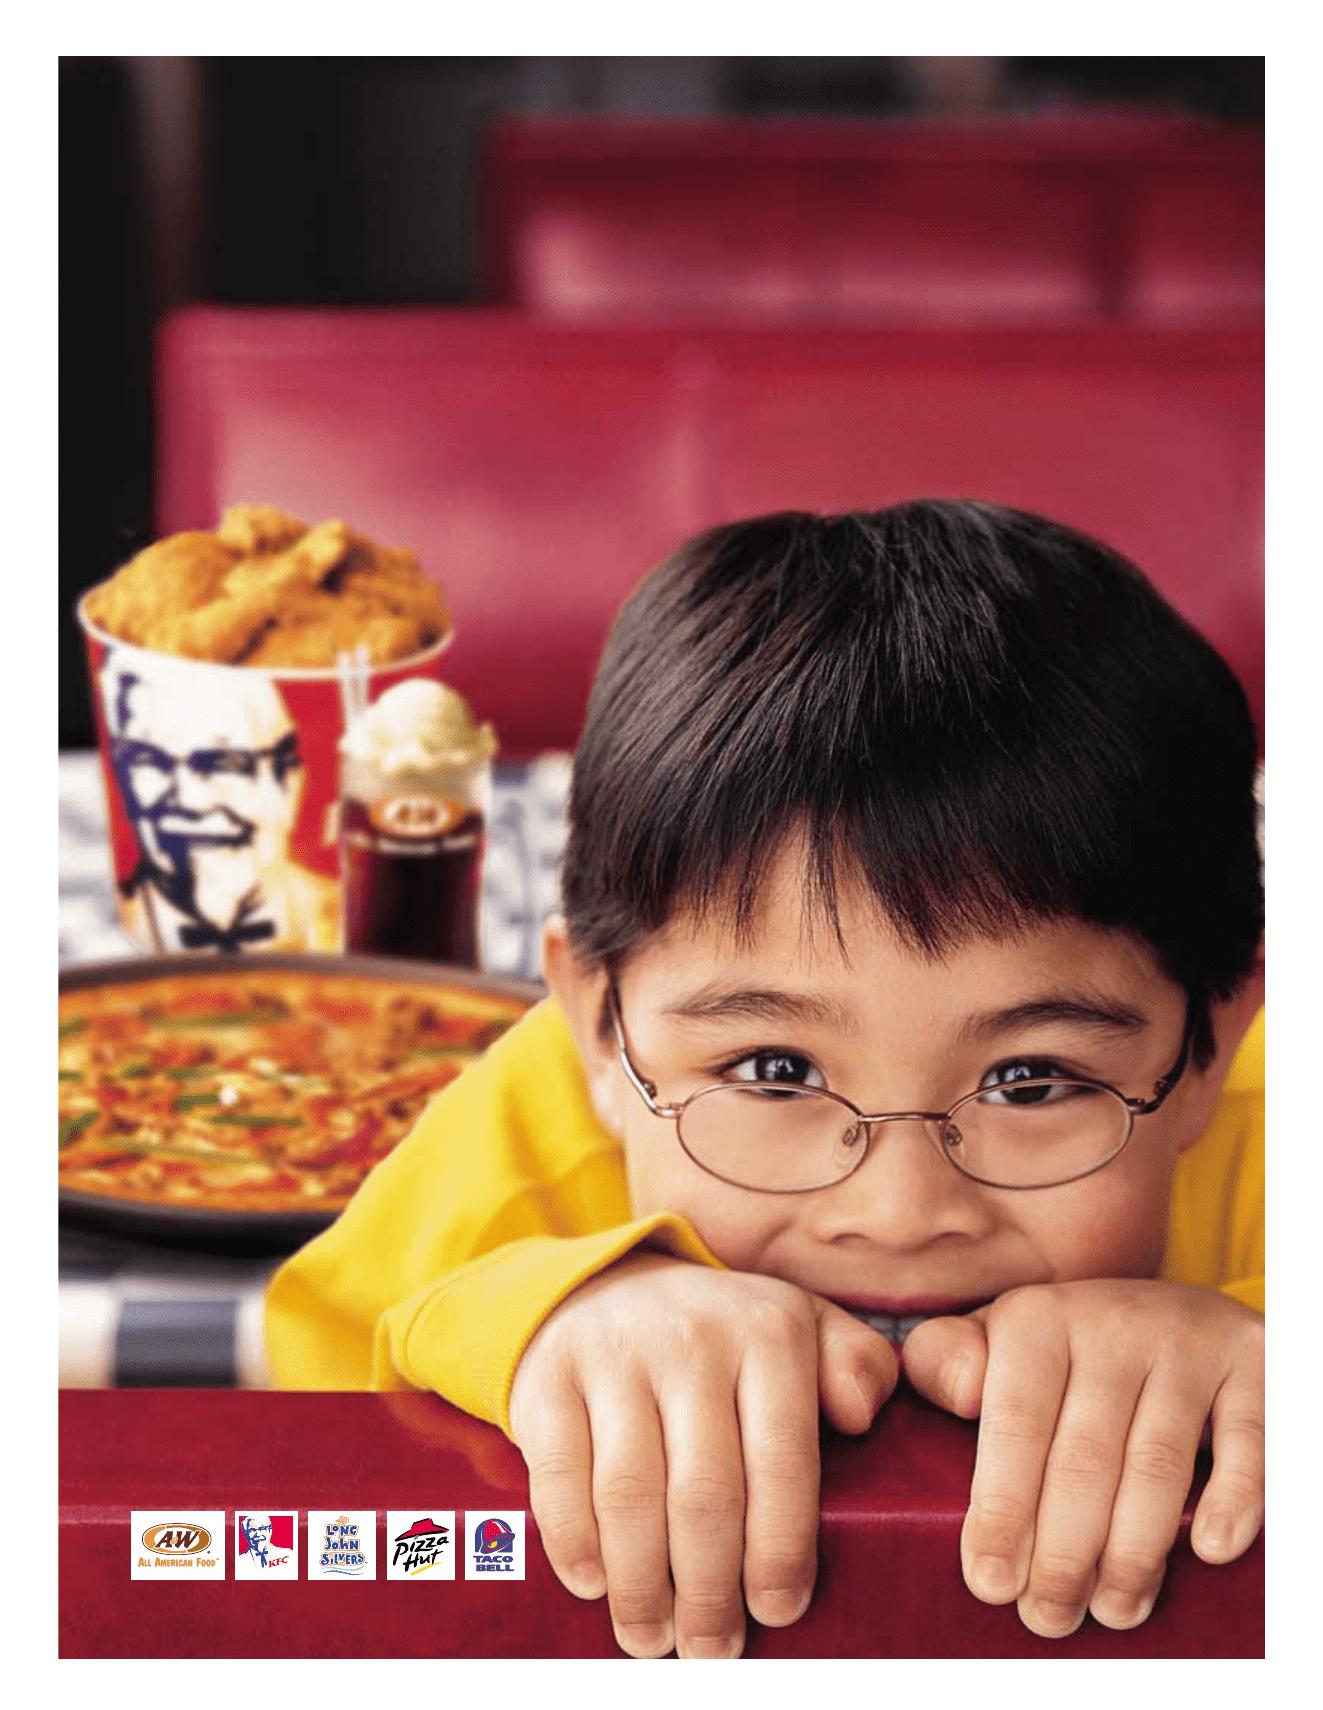 Pizza hut annual report